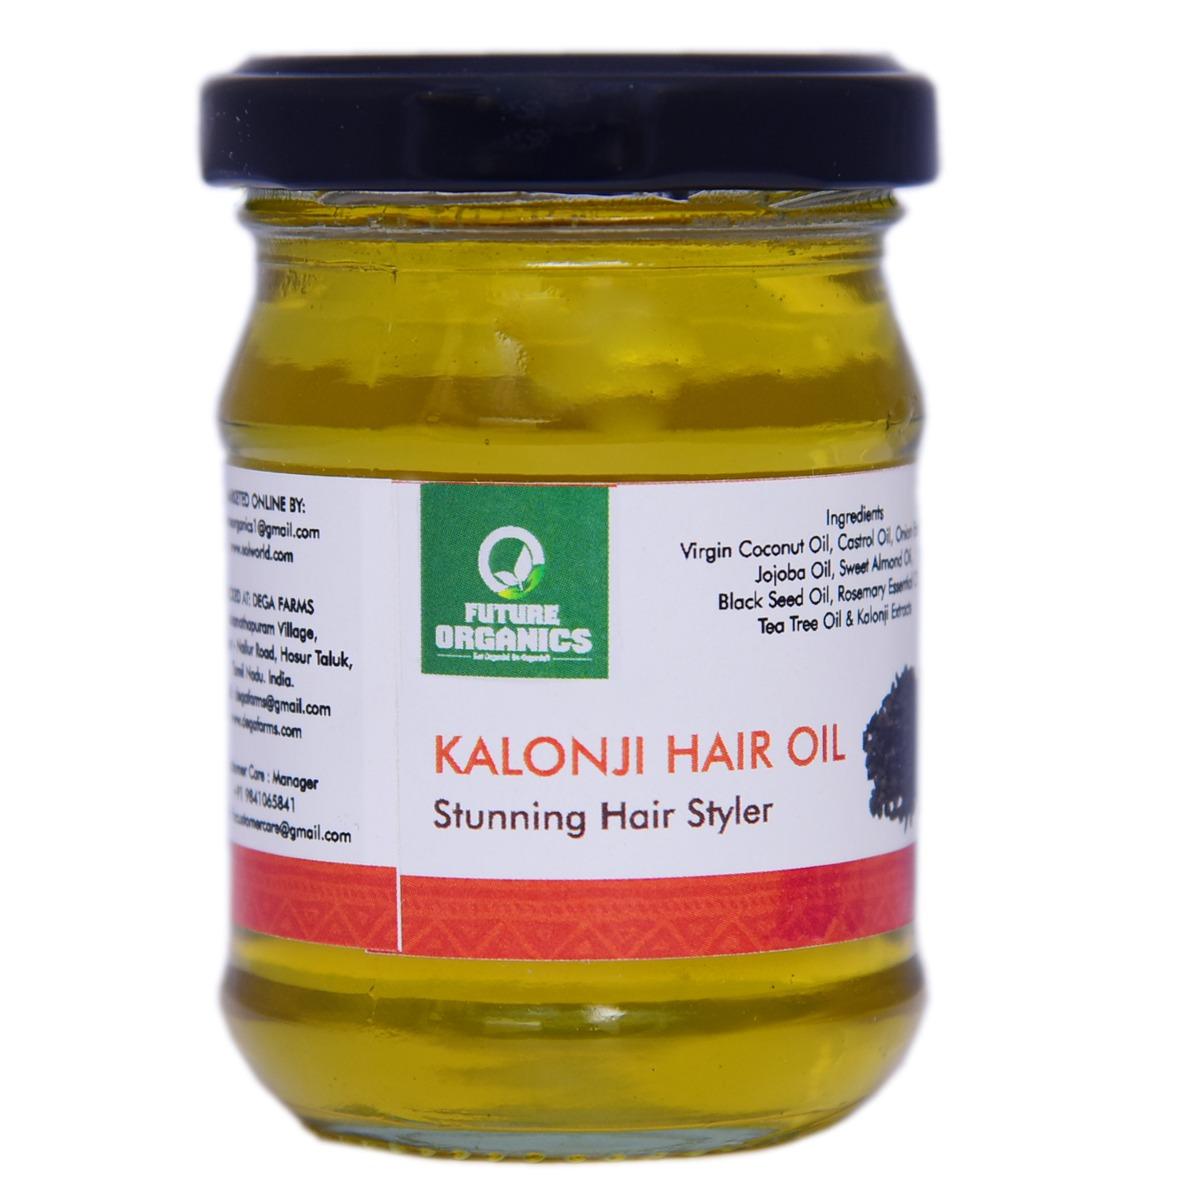 Kalonji Hair Oil